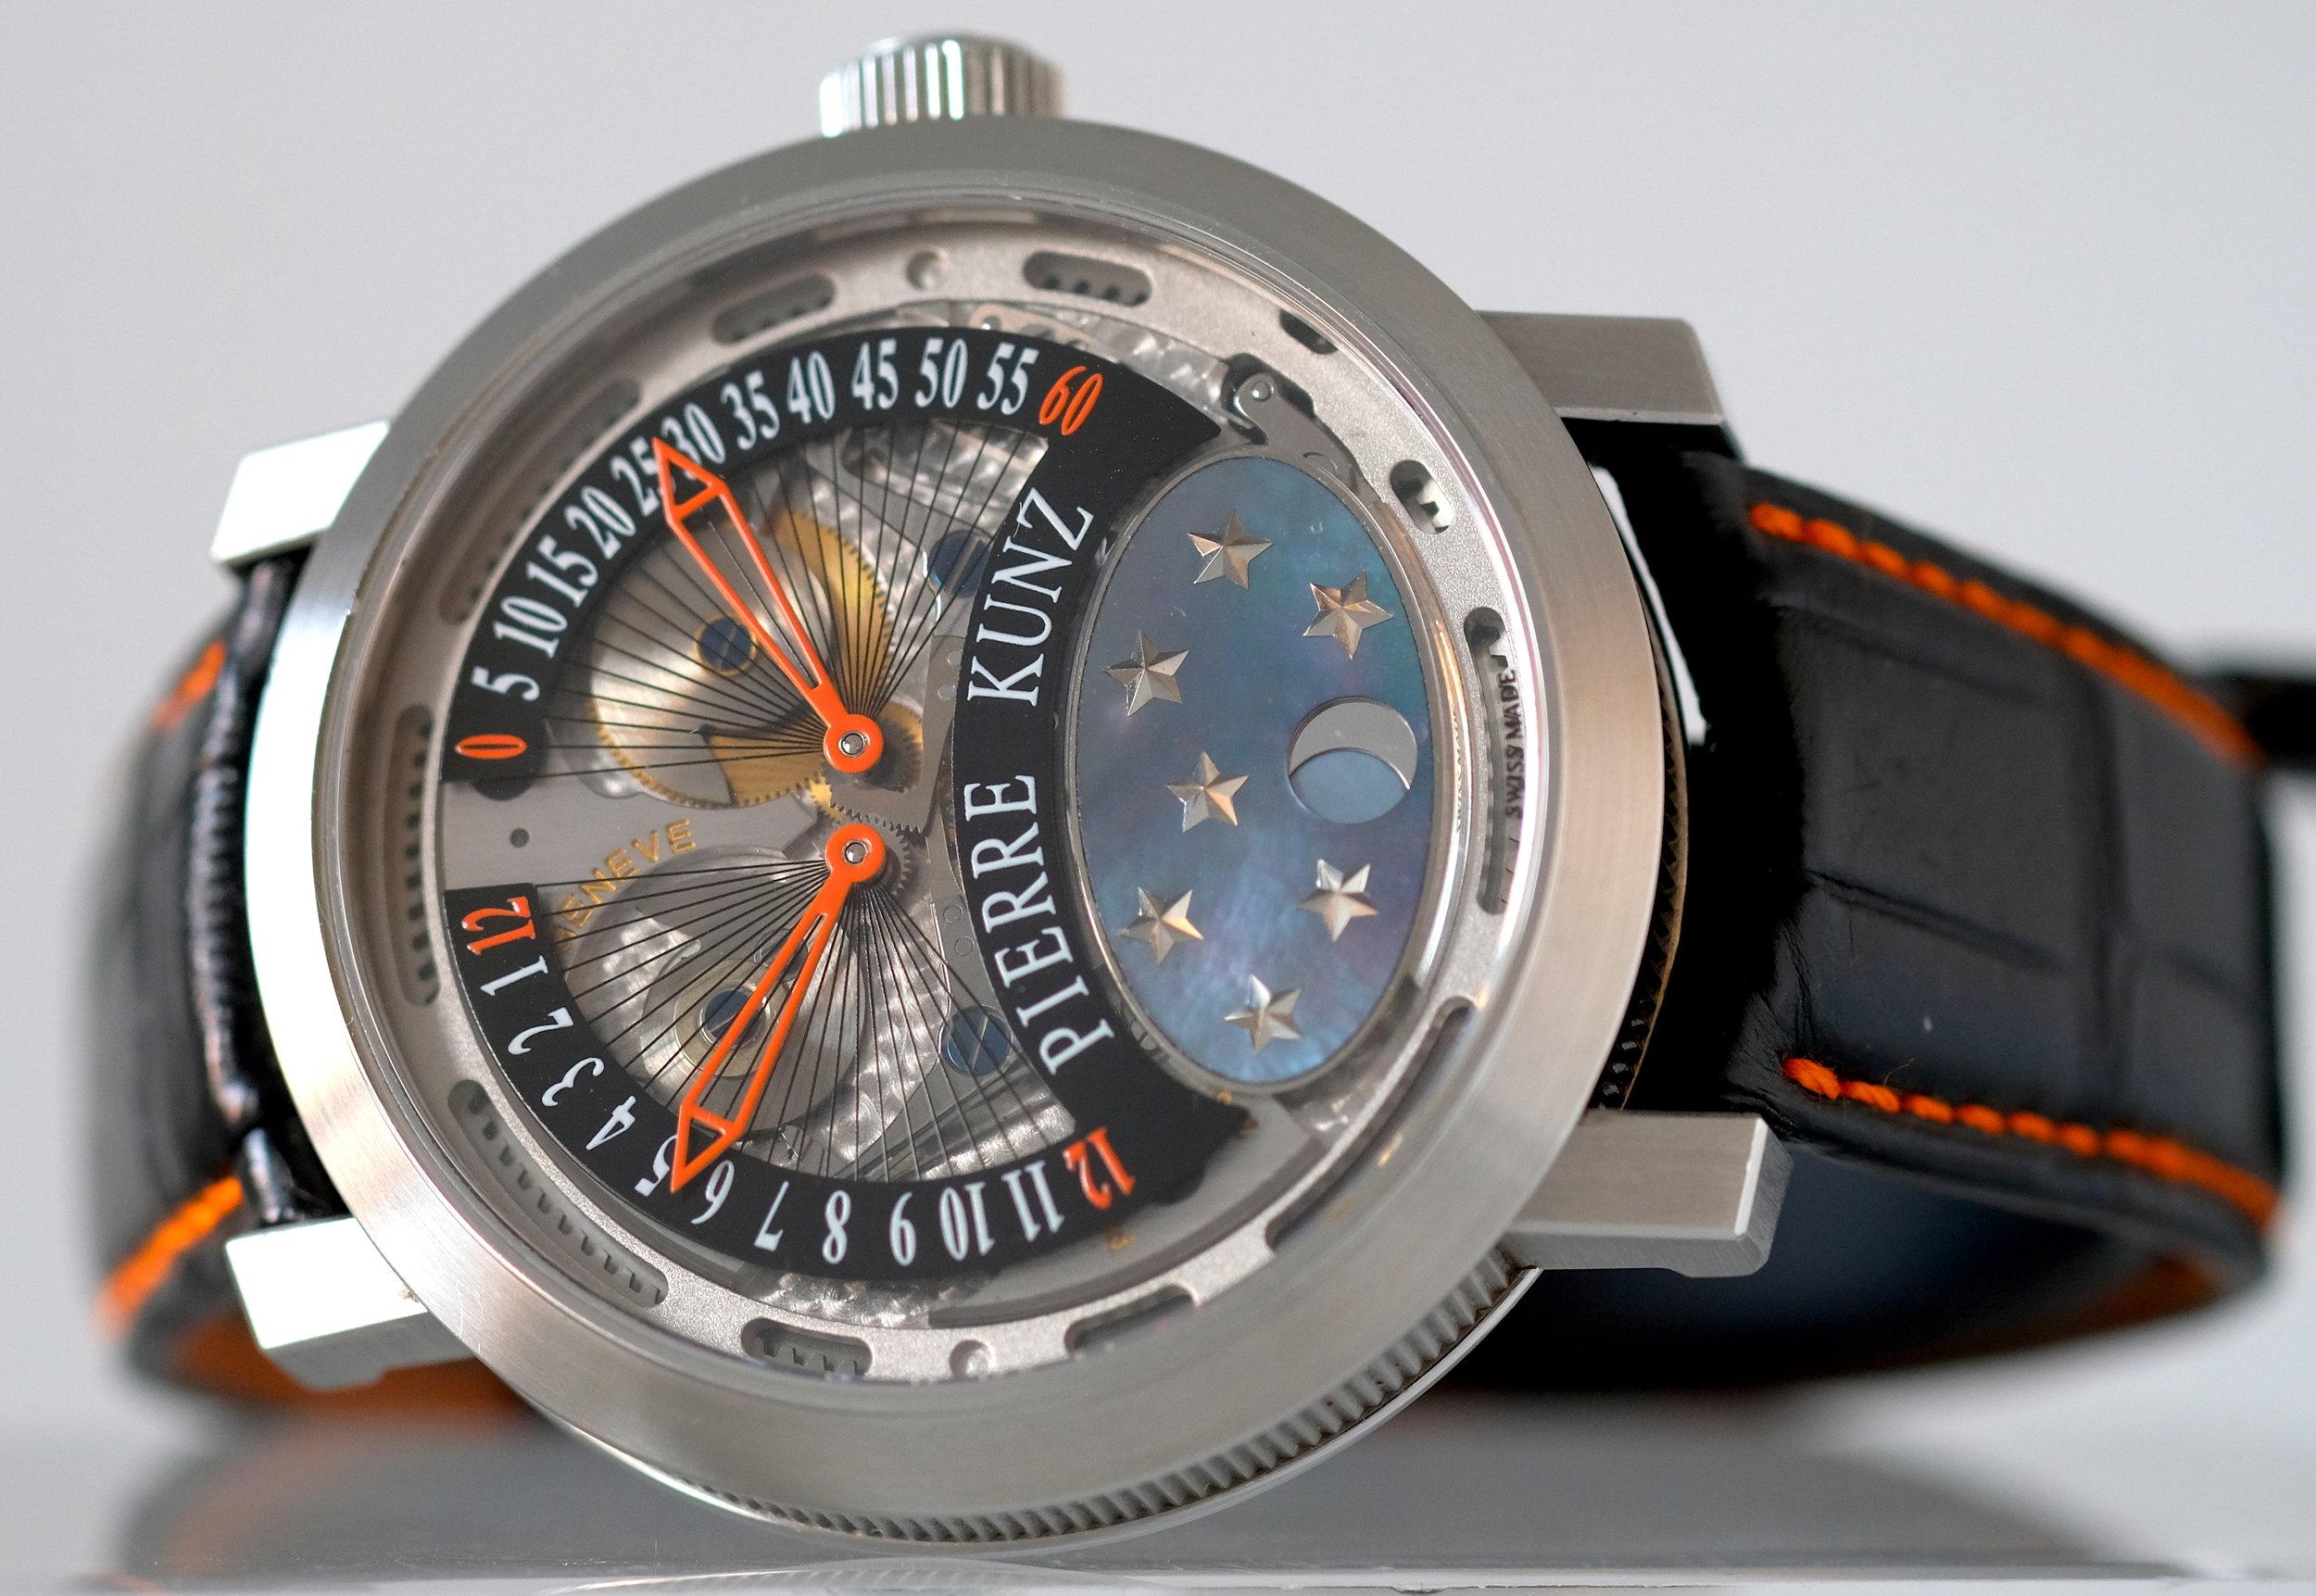 Pierre Kunz Spirit Challenge Titanium  Price: $7,950